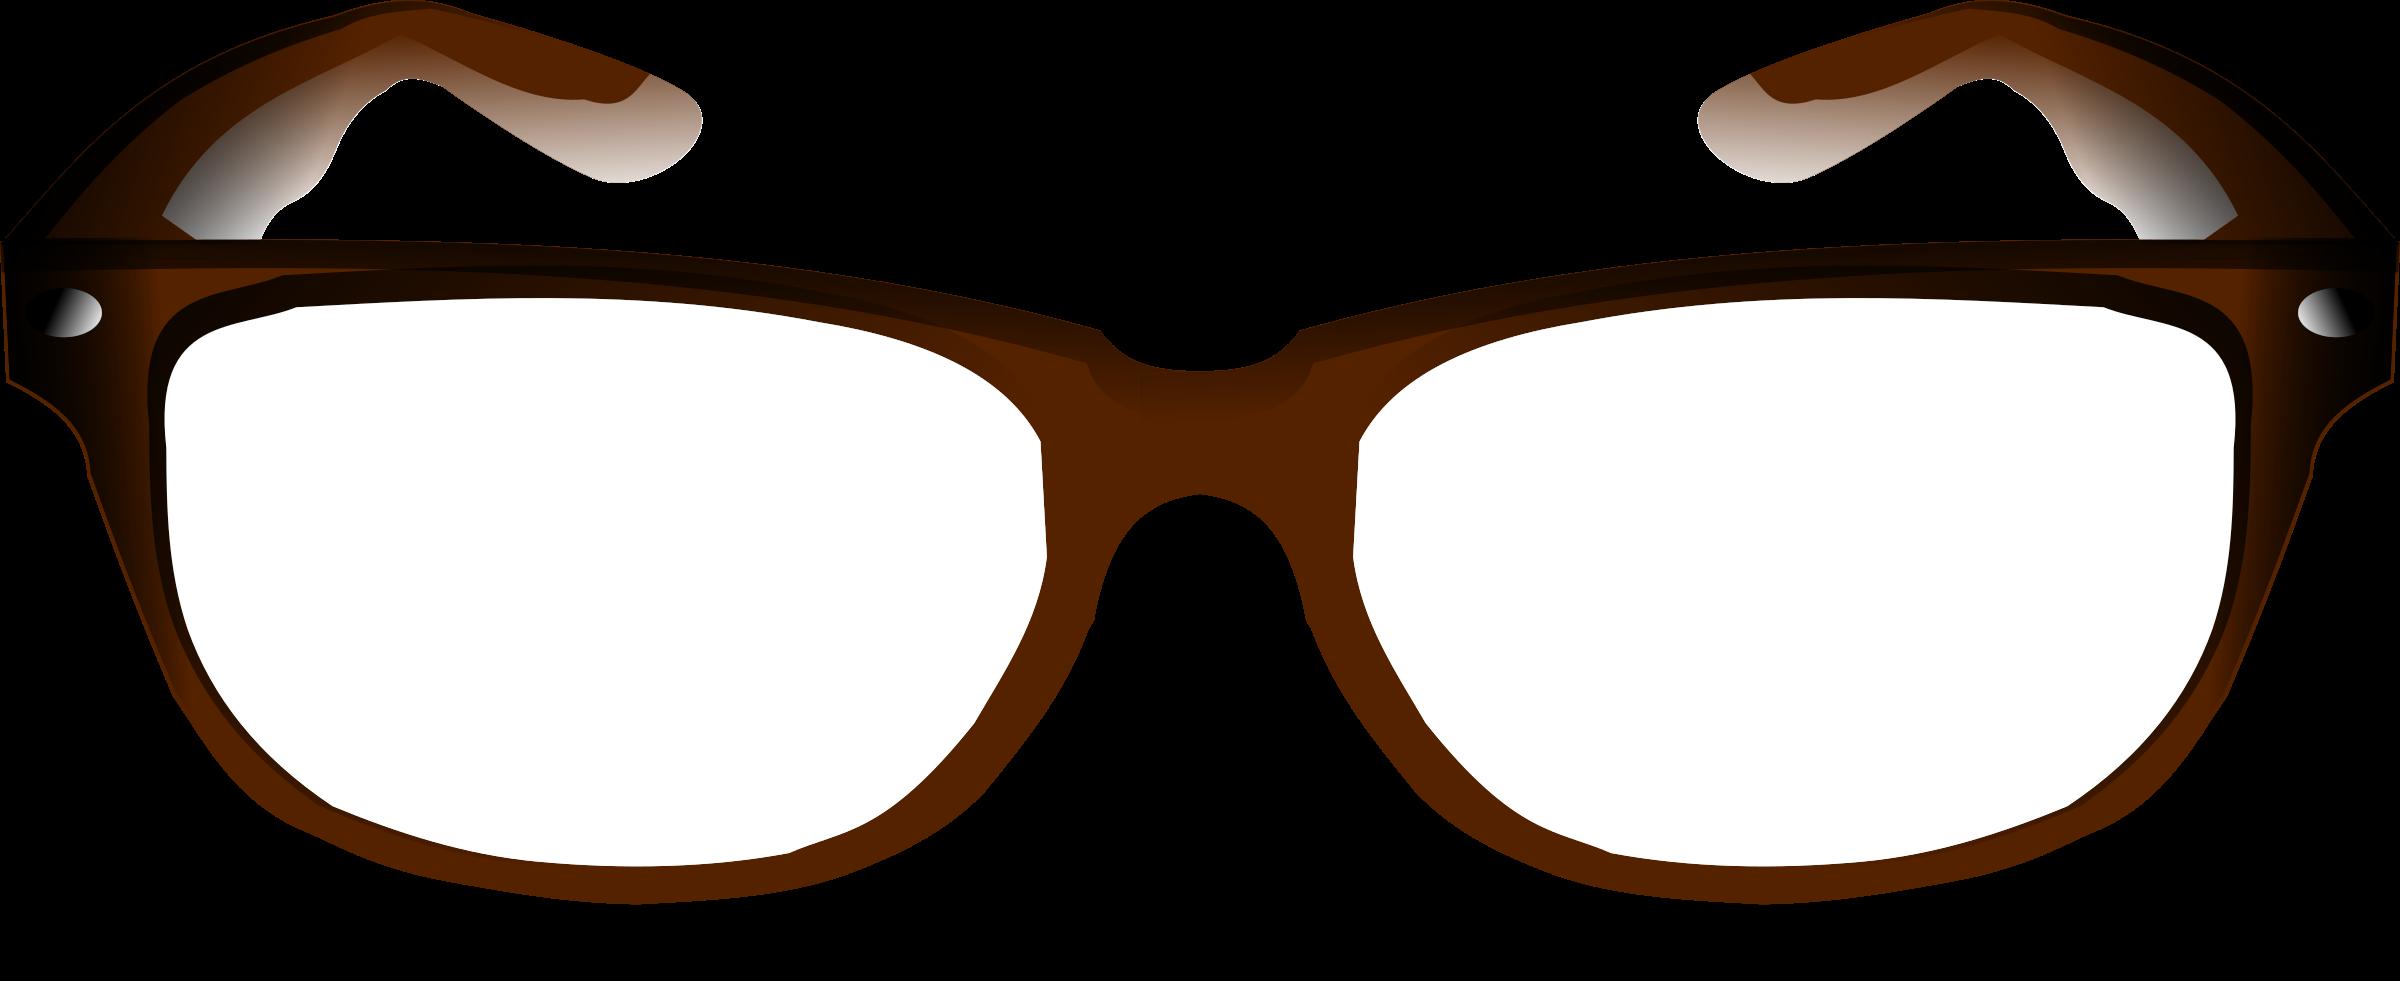 Cat eye glasses clipart banner Glasses Clipart | jokingart.com banner